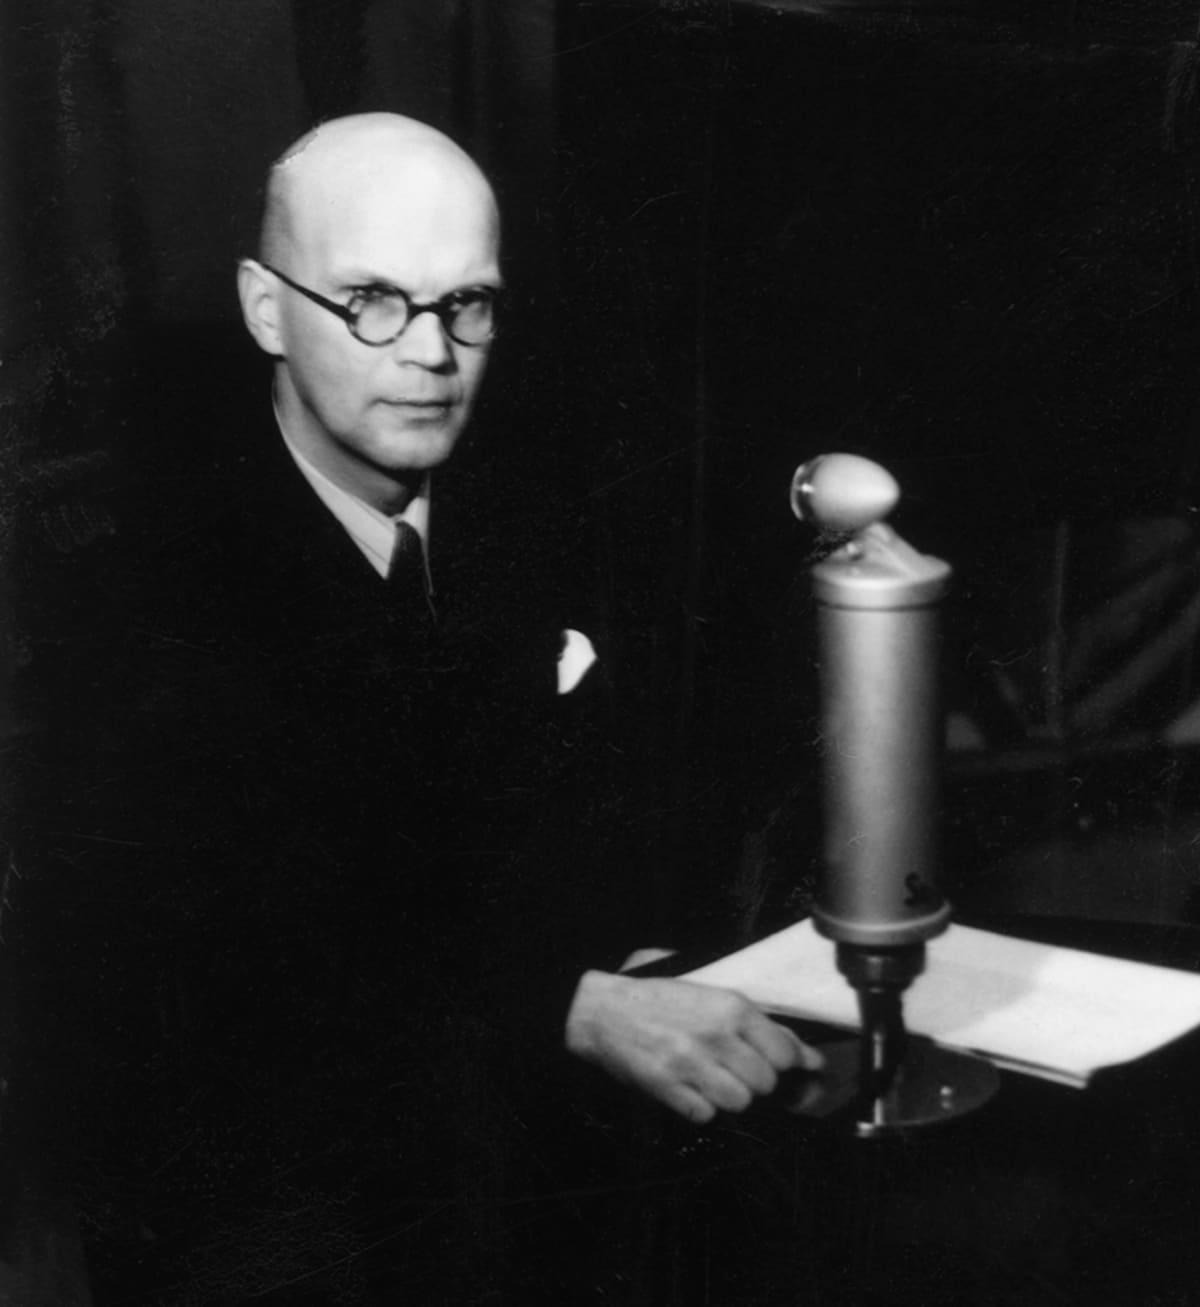 Pääministeri Urho Kekkonen radiostudiossa.